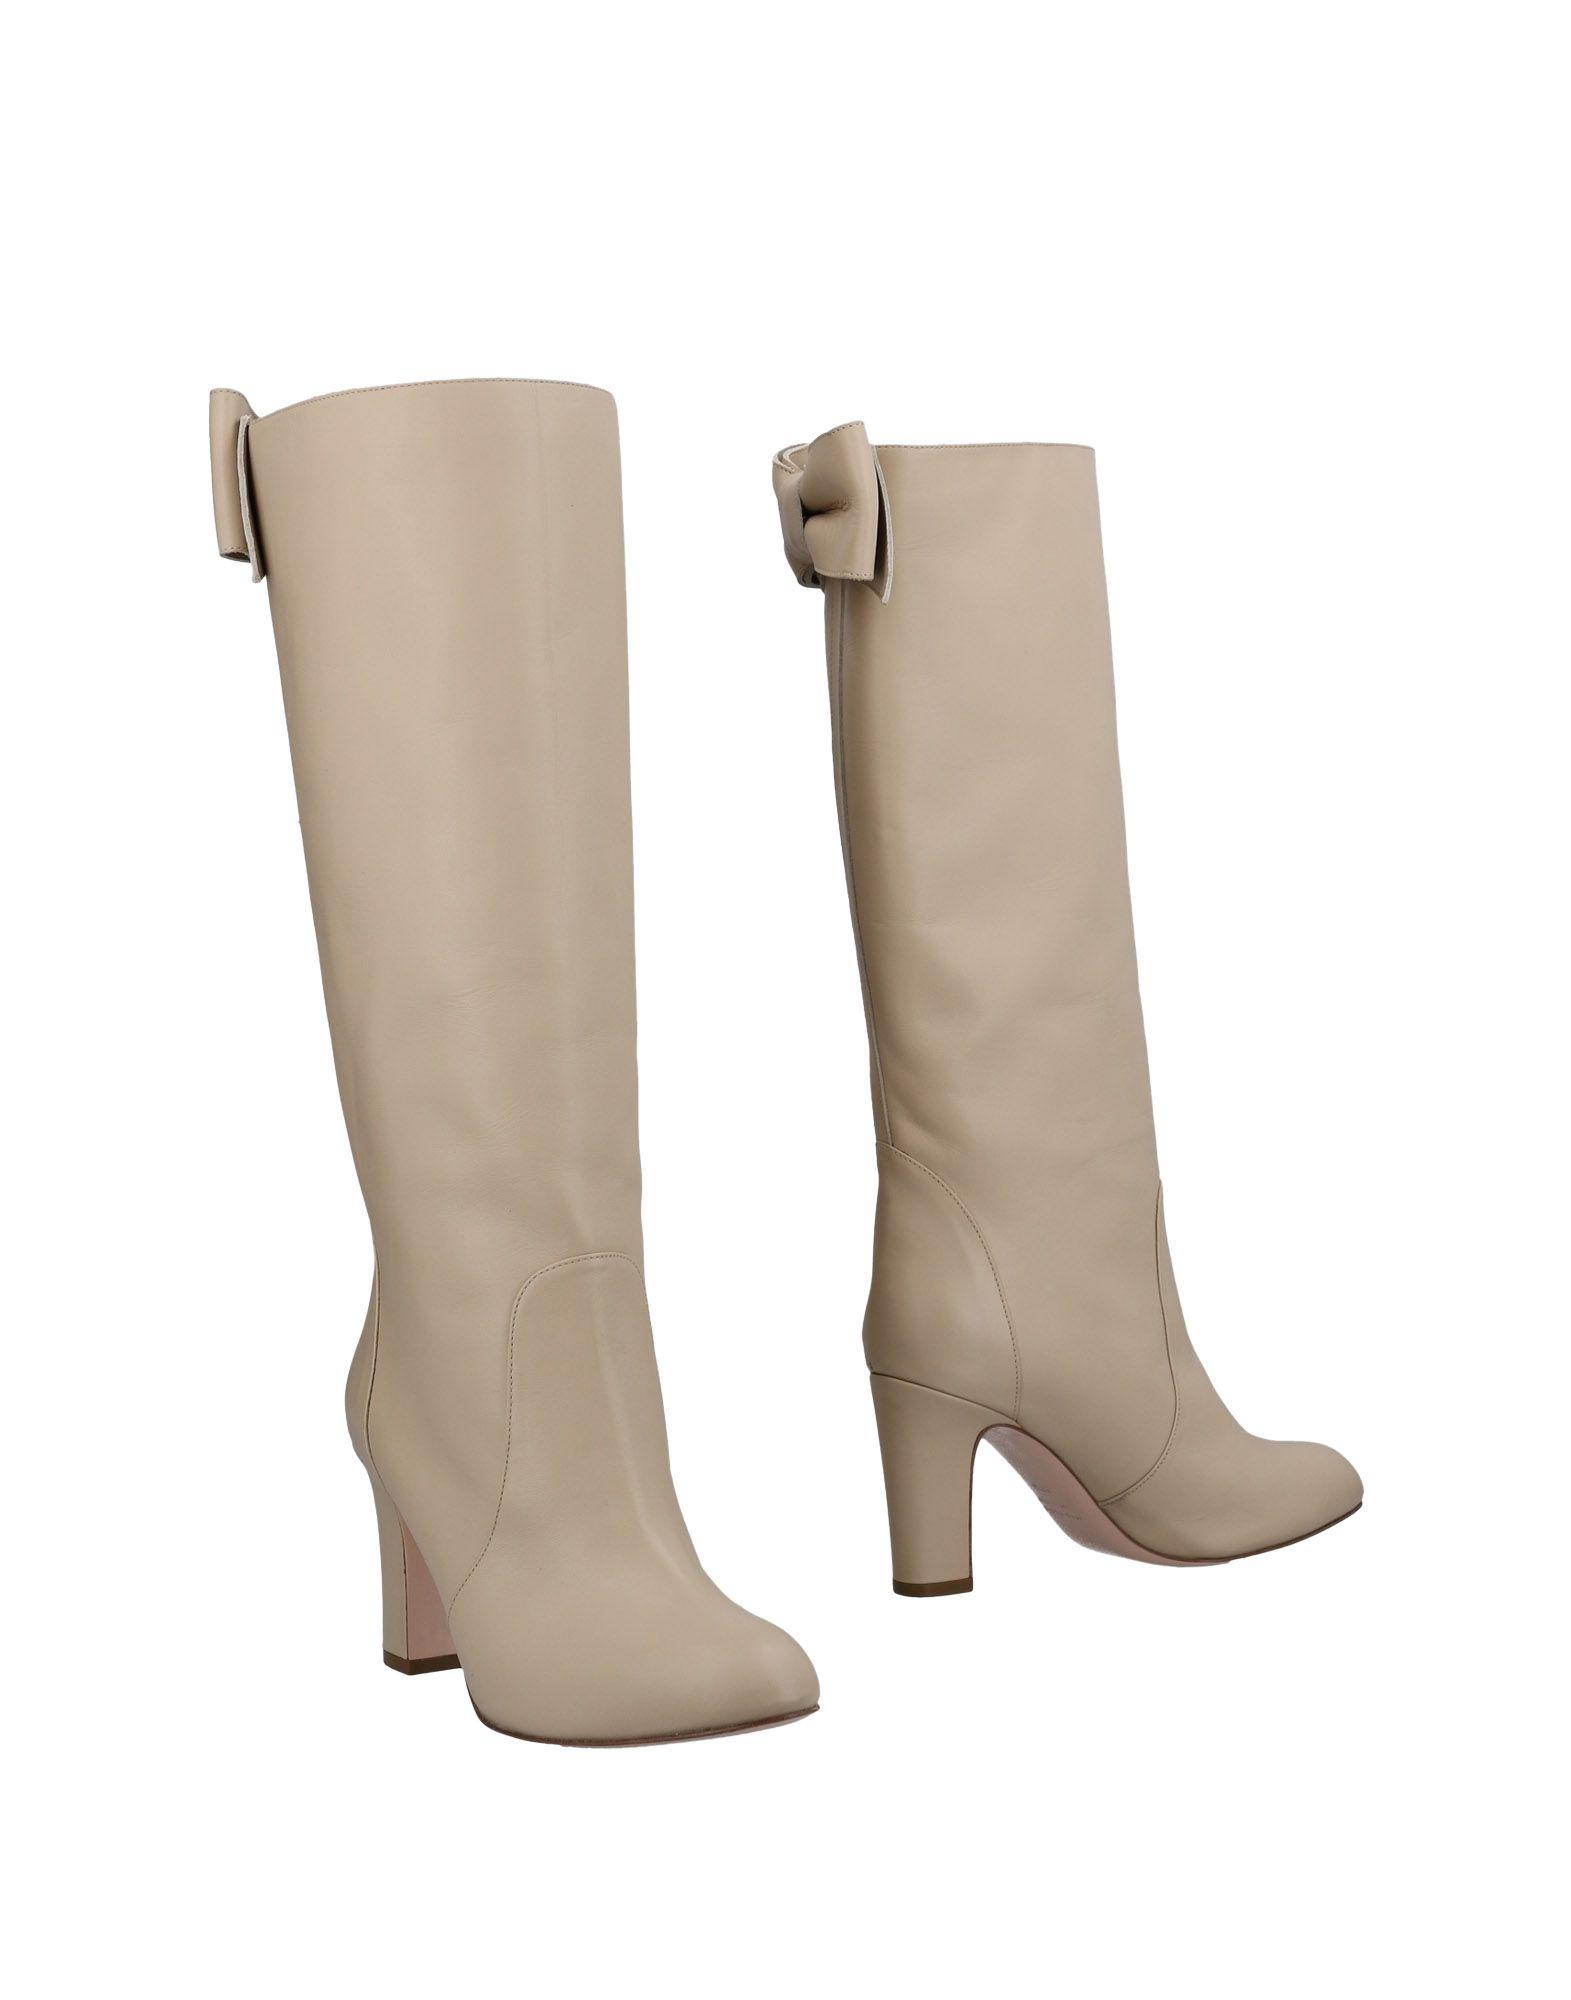 Red(V) Stiefel Damen Schuhe  11489391OHGünstige gut aussehende Schuhe Damen a99def